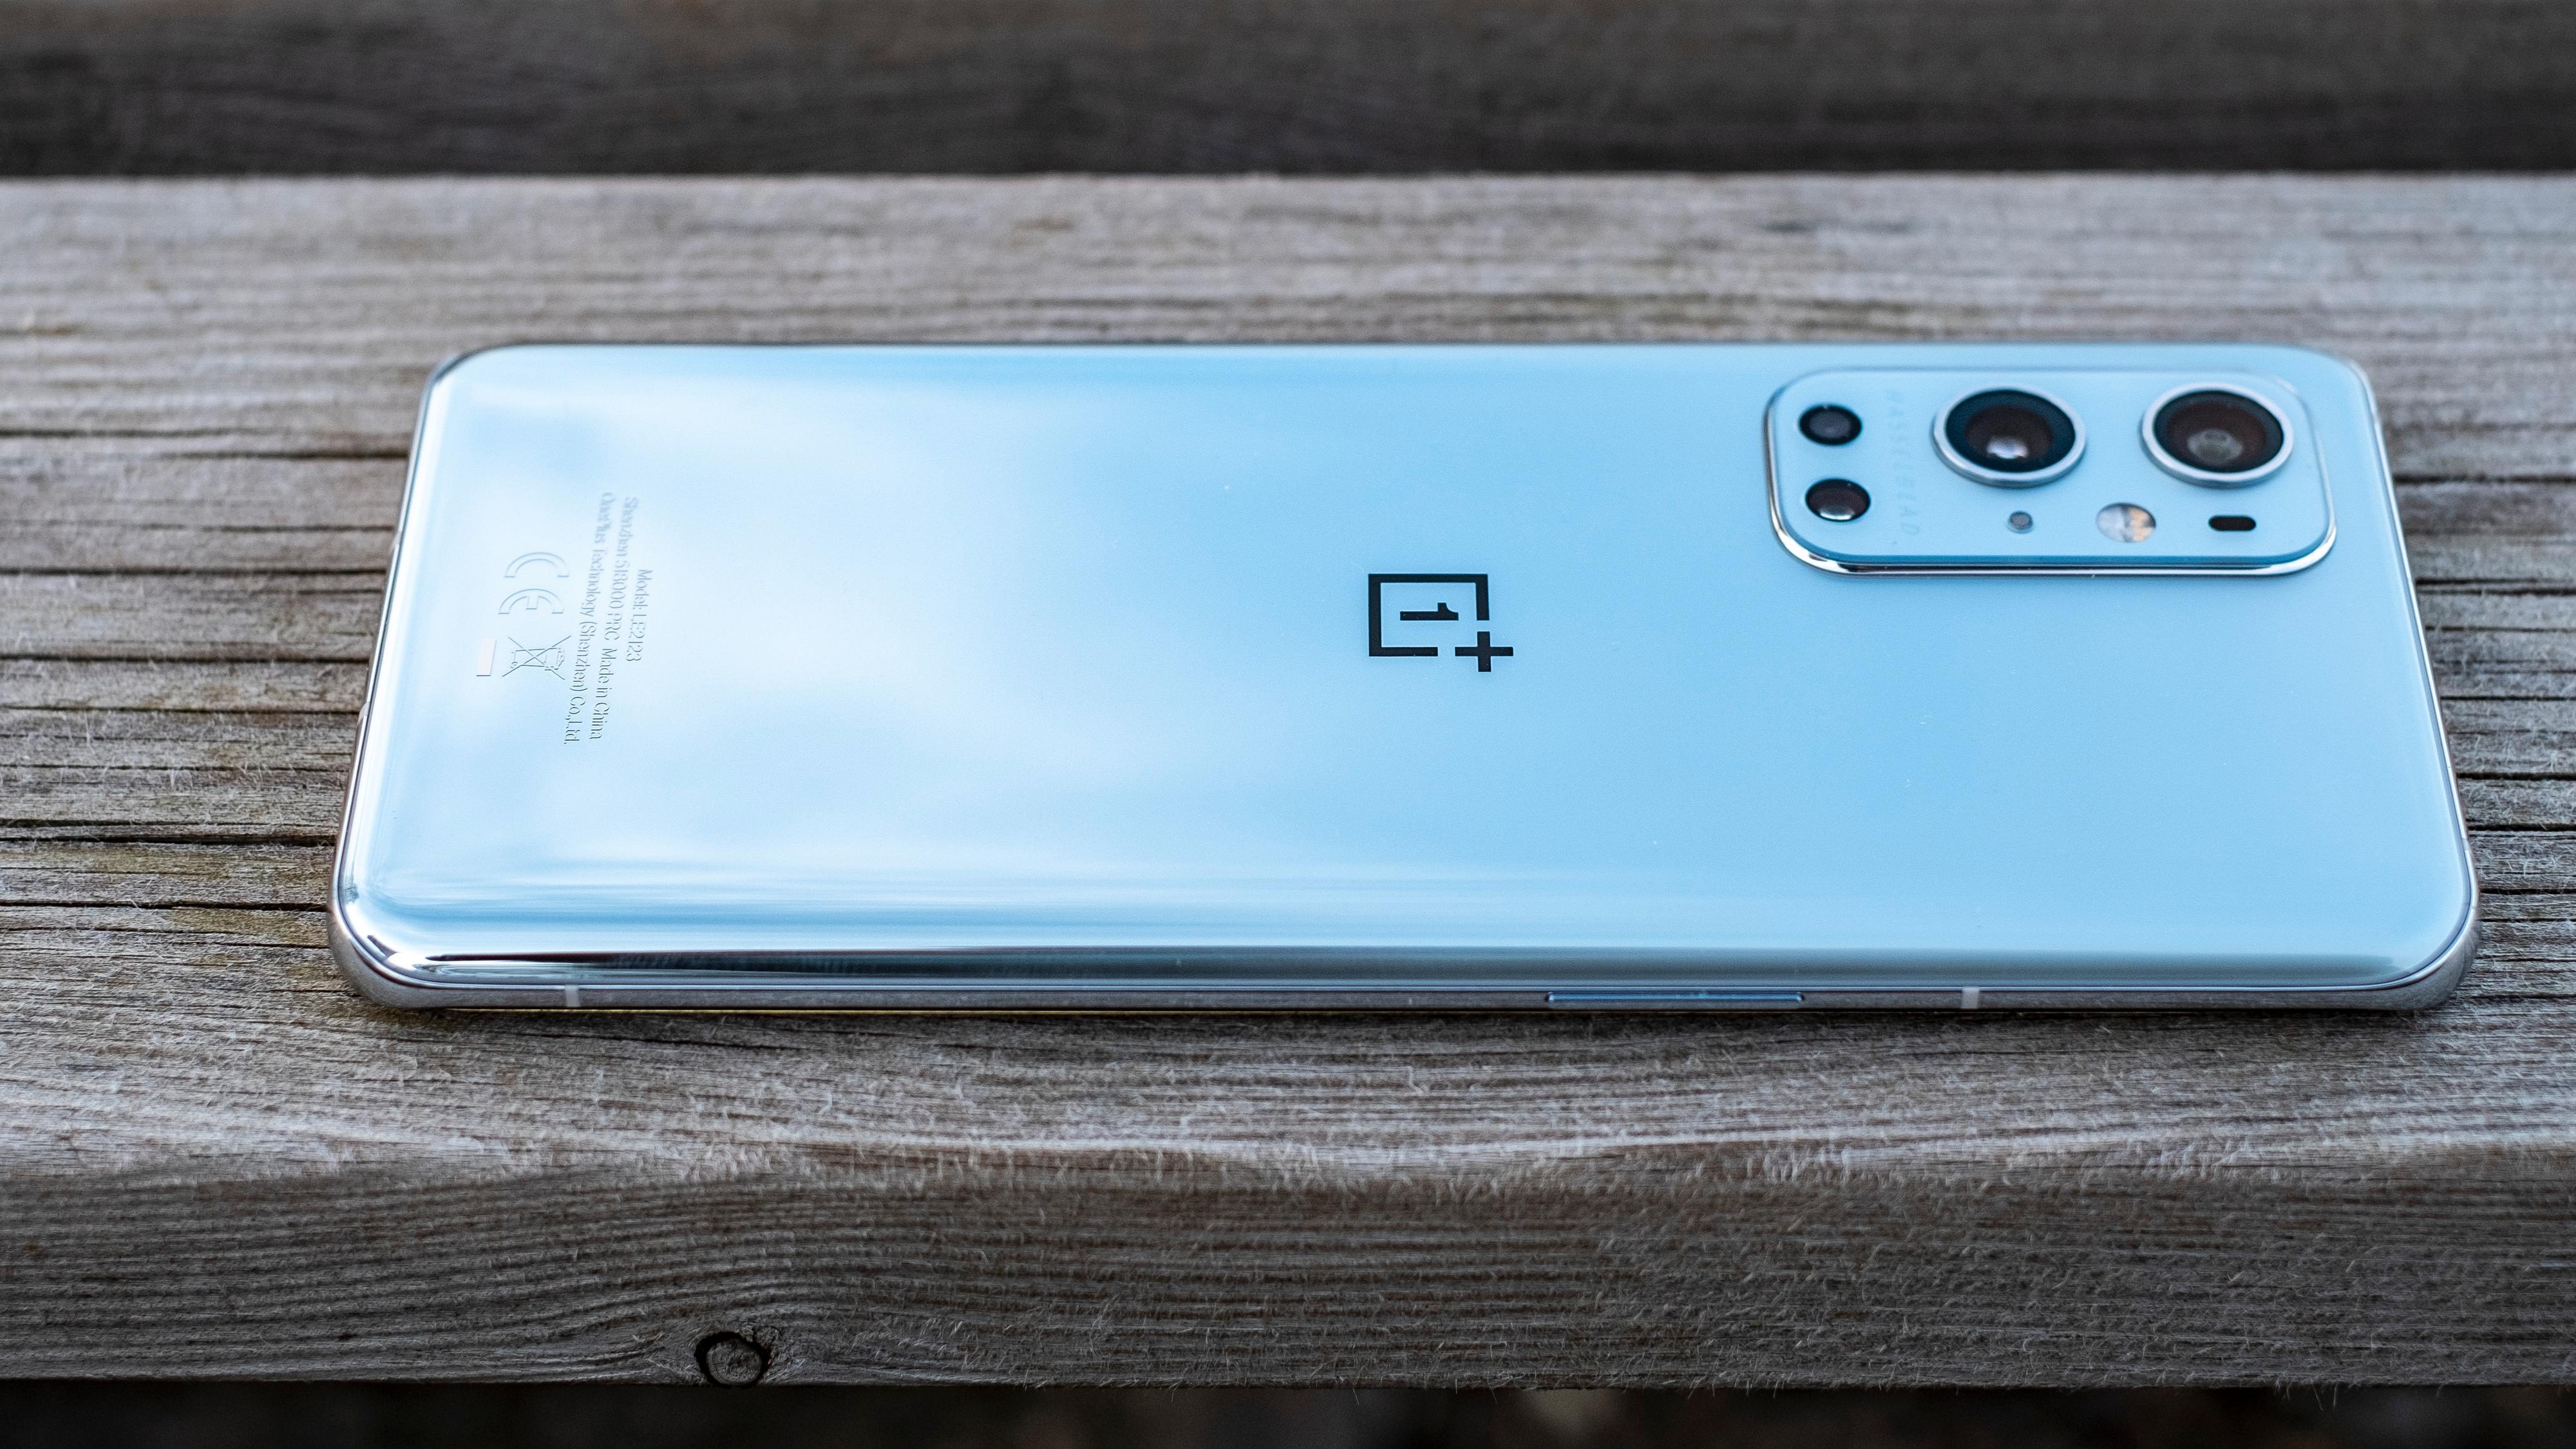 Lekker design: Den sølvfargede varianten har en gradering der den blir mer og mer tåkete og melkeaktig opp mot toppen av telefonen, mens den er speilblank i bunnen av telefonen. Det ser lekkert ut, men hvorfor det blankeste partiet er der fingrene fetter til telefonen er et spørsmål som melder seg. De andre fargene er jevne over hele baksiden.